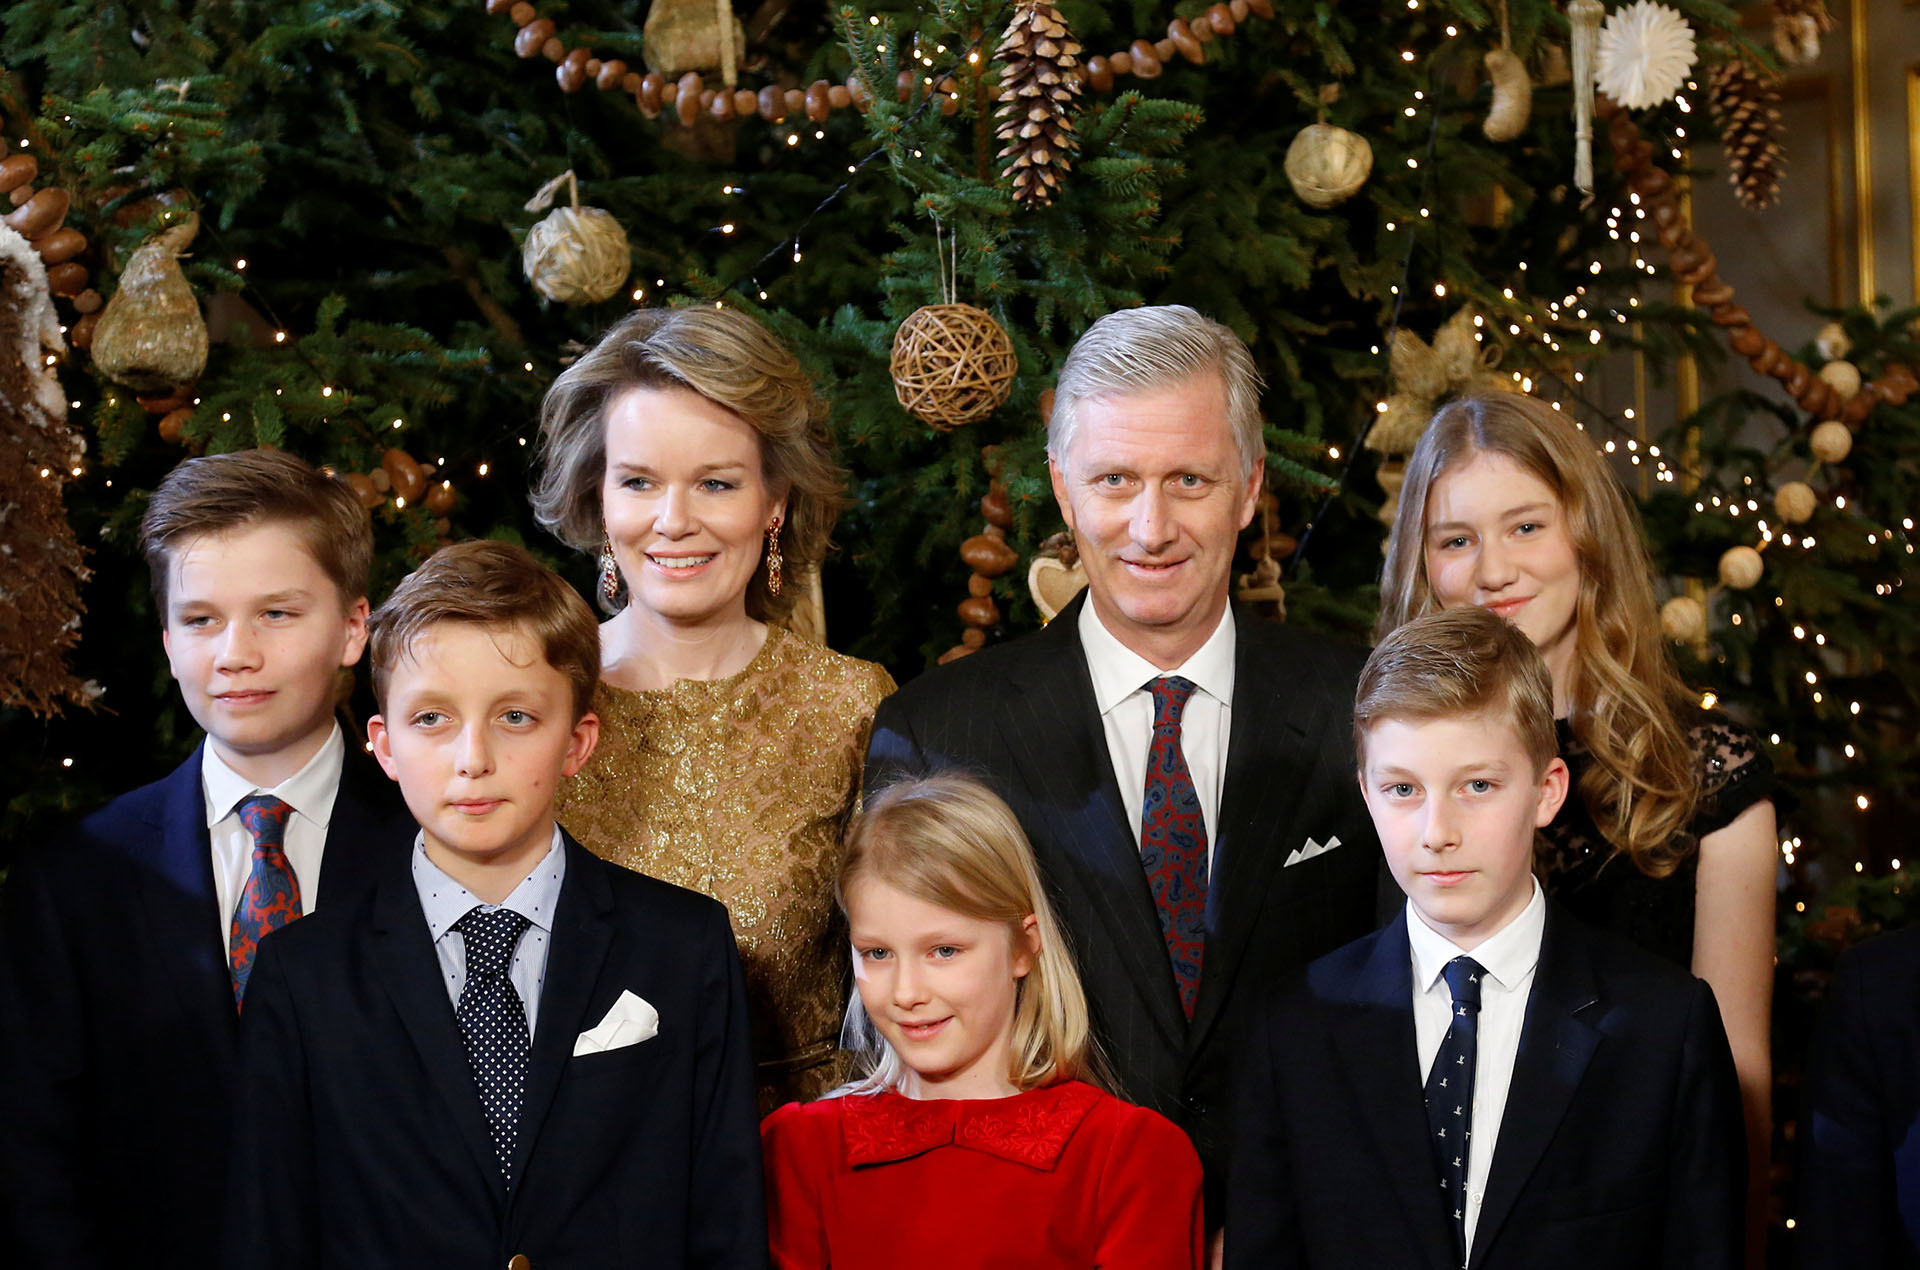 Los reyes Philippe y Mathilde posan junto a los príncipes Gabriel, Elisabeth, Eleonore, Emmanuel y Aymeric